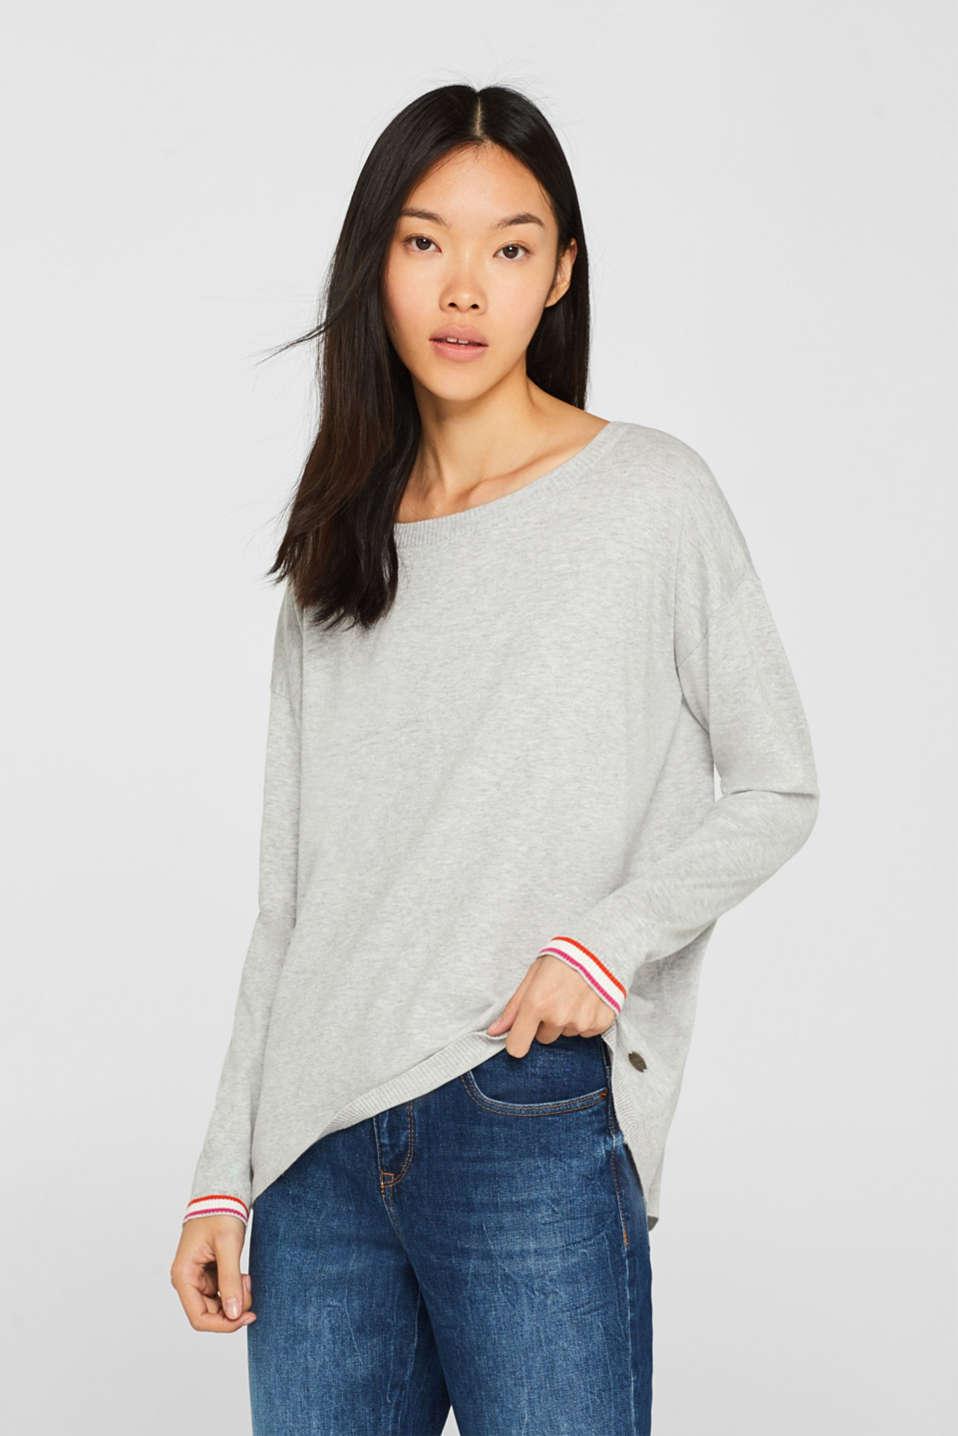 edc Pullover mit Streifen Details im Online Shop kaufen